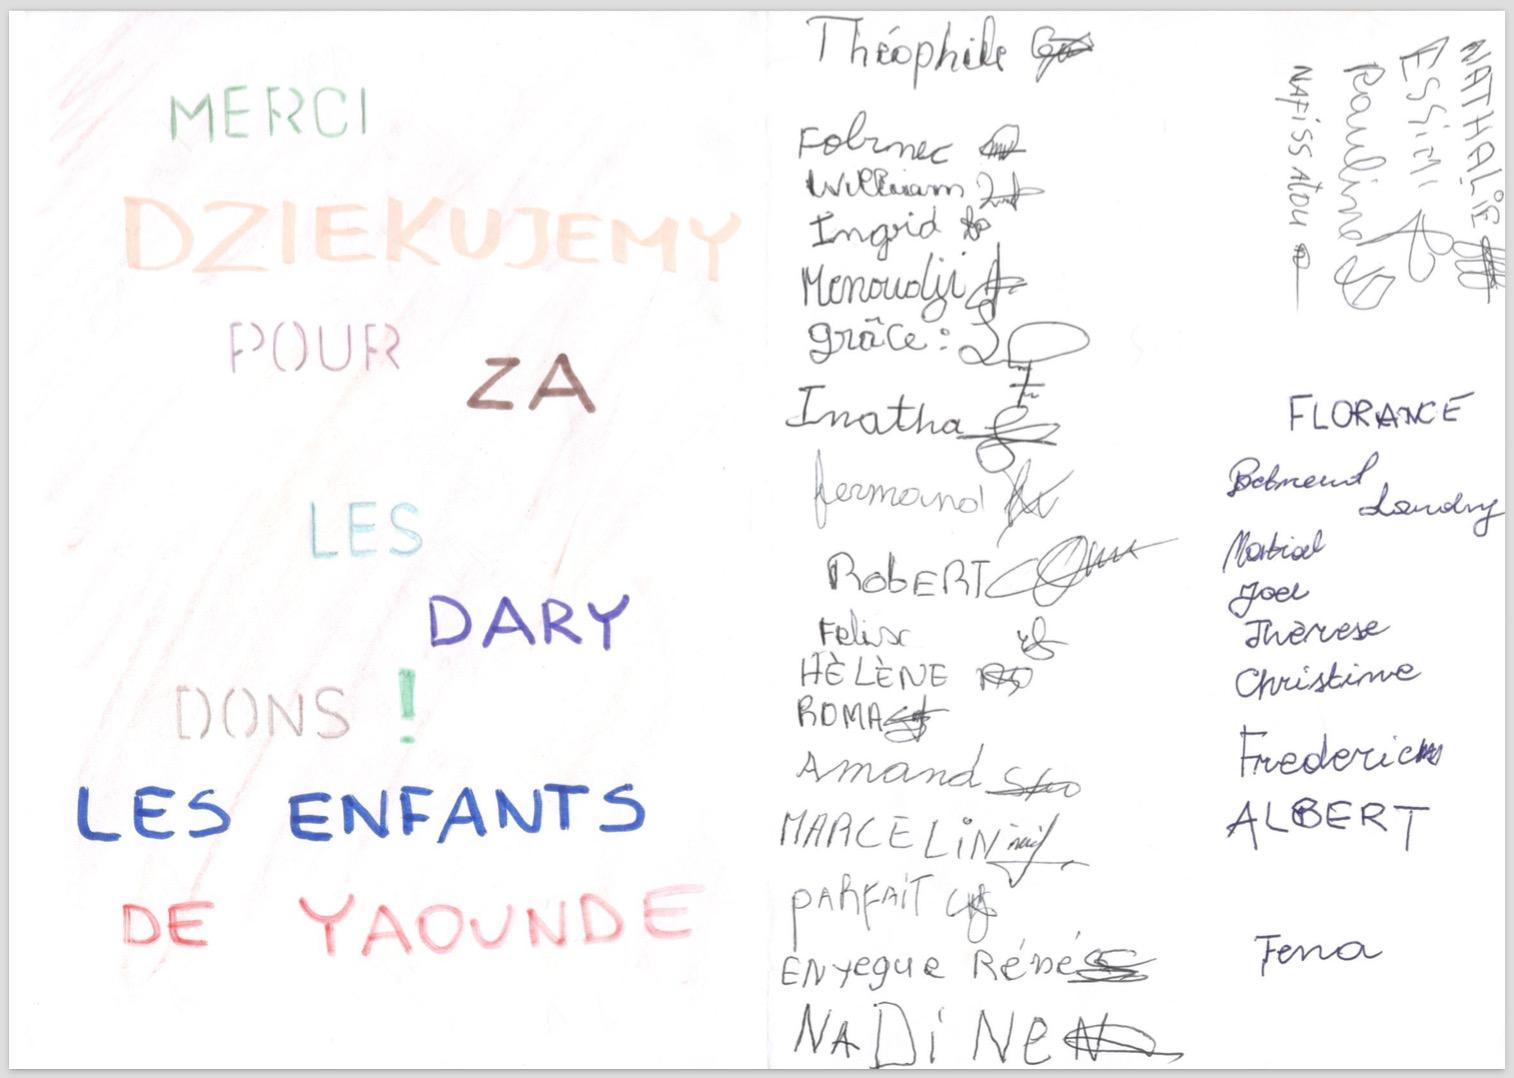 2016_Wielkanoc_zyczneia dzieci podpisy